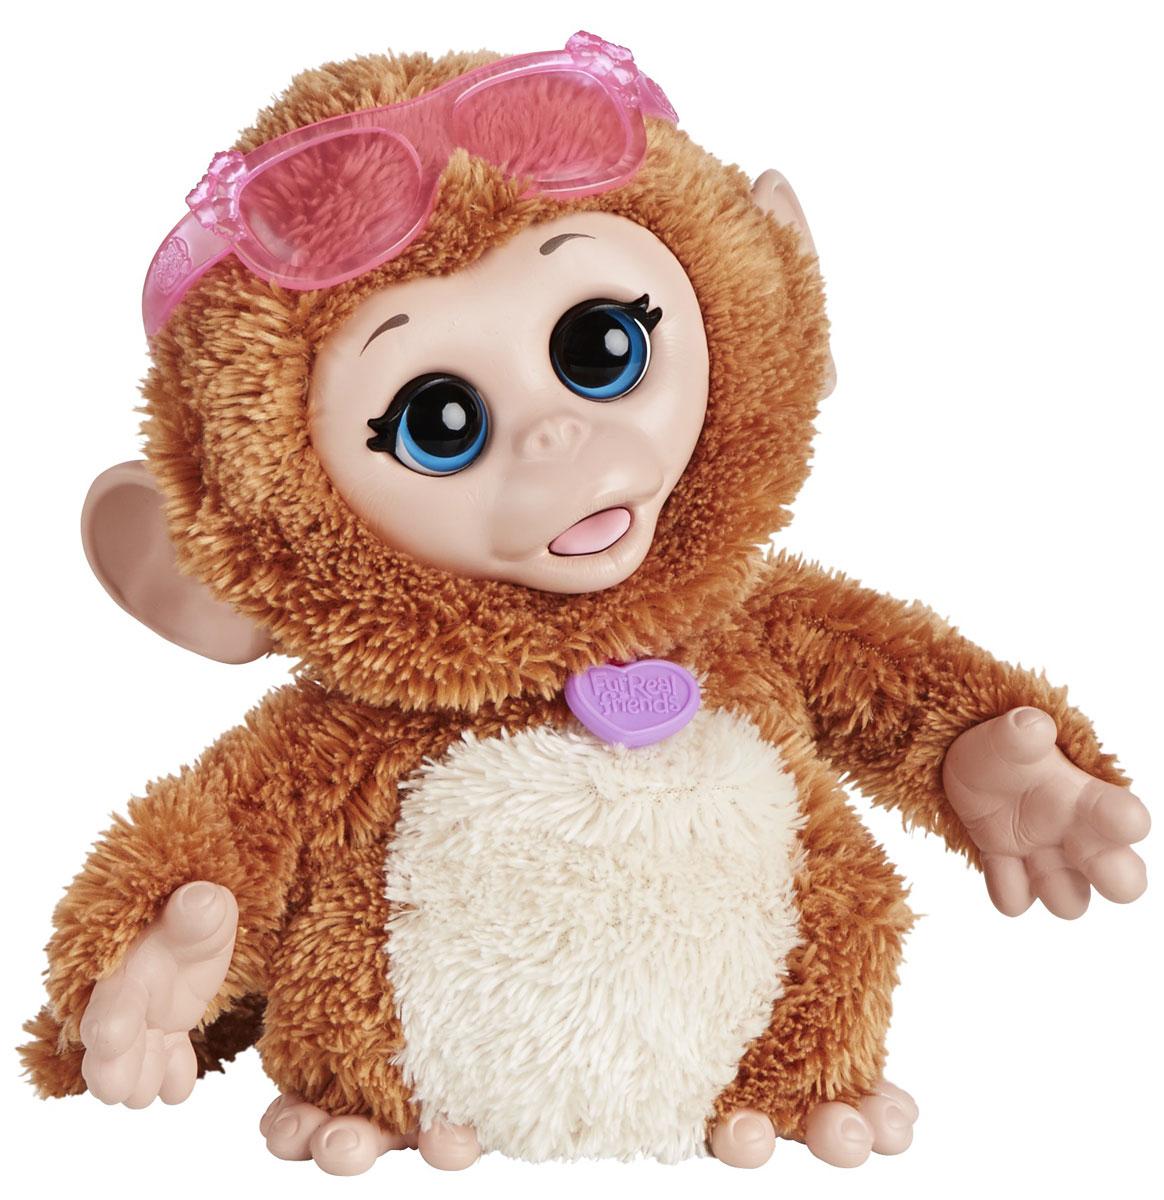 FurReal Friends Интерактивная игрушка ОбезьянкаA5717_A8756Ваш ребенок мечтает о красивом маленьком зверьке, но нет возможности исполнить его желание? Анимированная игрушка FurReal Friends Озорные зверята: Щенок привлечет внимание ребенка и станет для него отличным подарком. Эта веселая обезьянка обожает, когда ее щекочут! Пощекочите животик обезьянки, и она засмеется и будет забавно кружиться и подпрыгивать. В комплект также входят модные очки, которыми девочка сможет украсить игрушку. Порадуйте своего ребенка таким замечательным подарком! Рекомендуется докупить 3 батарейки напряжением 1,5V типа АA (товар комплектуется демонстрационными).